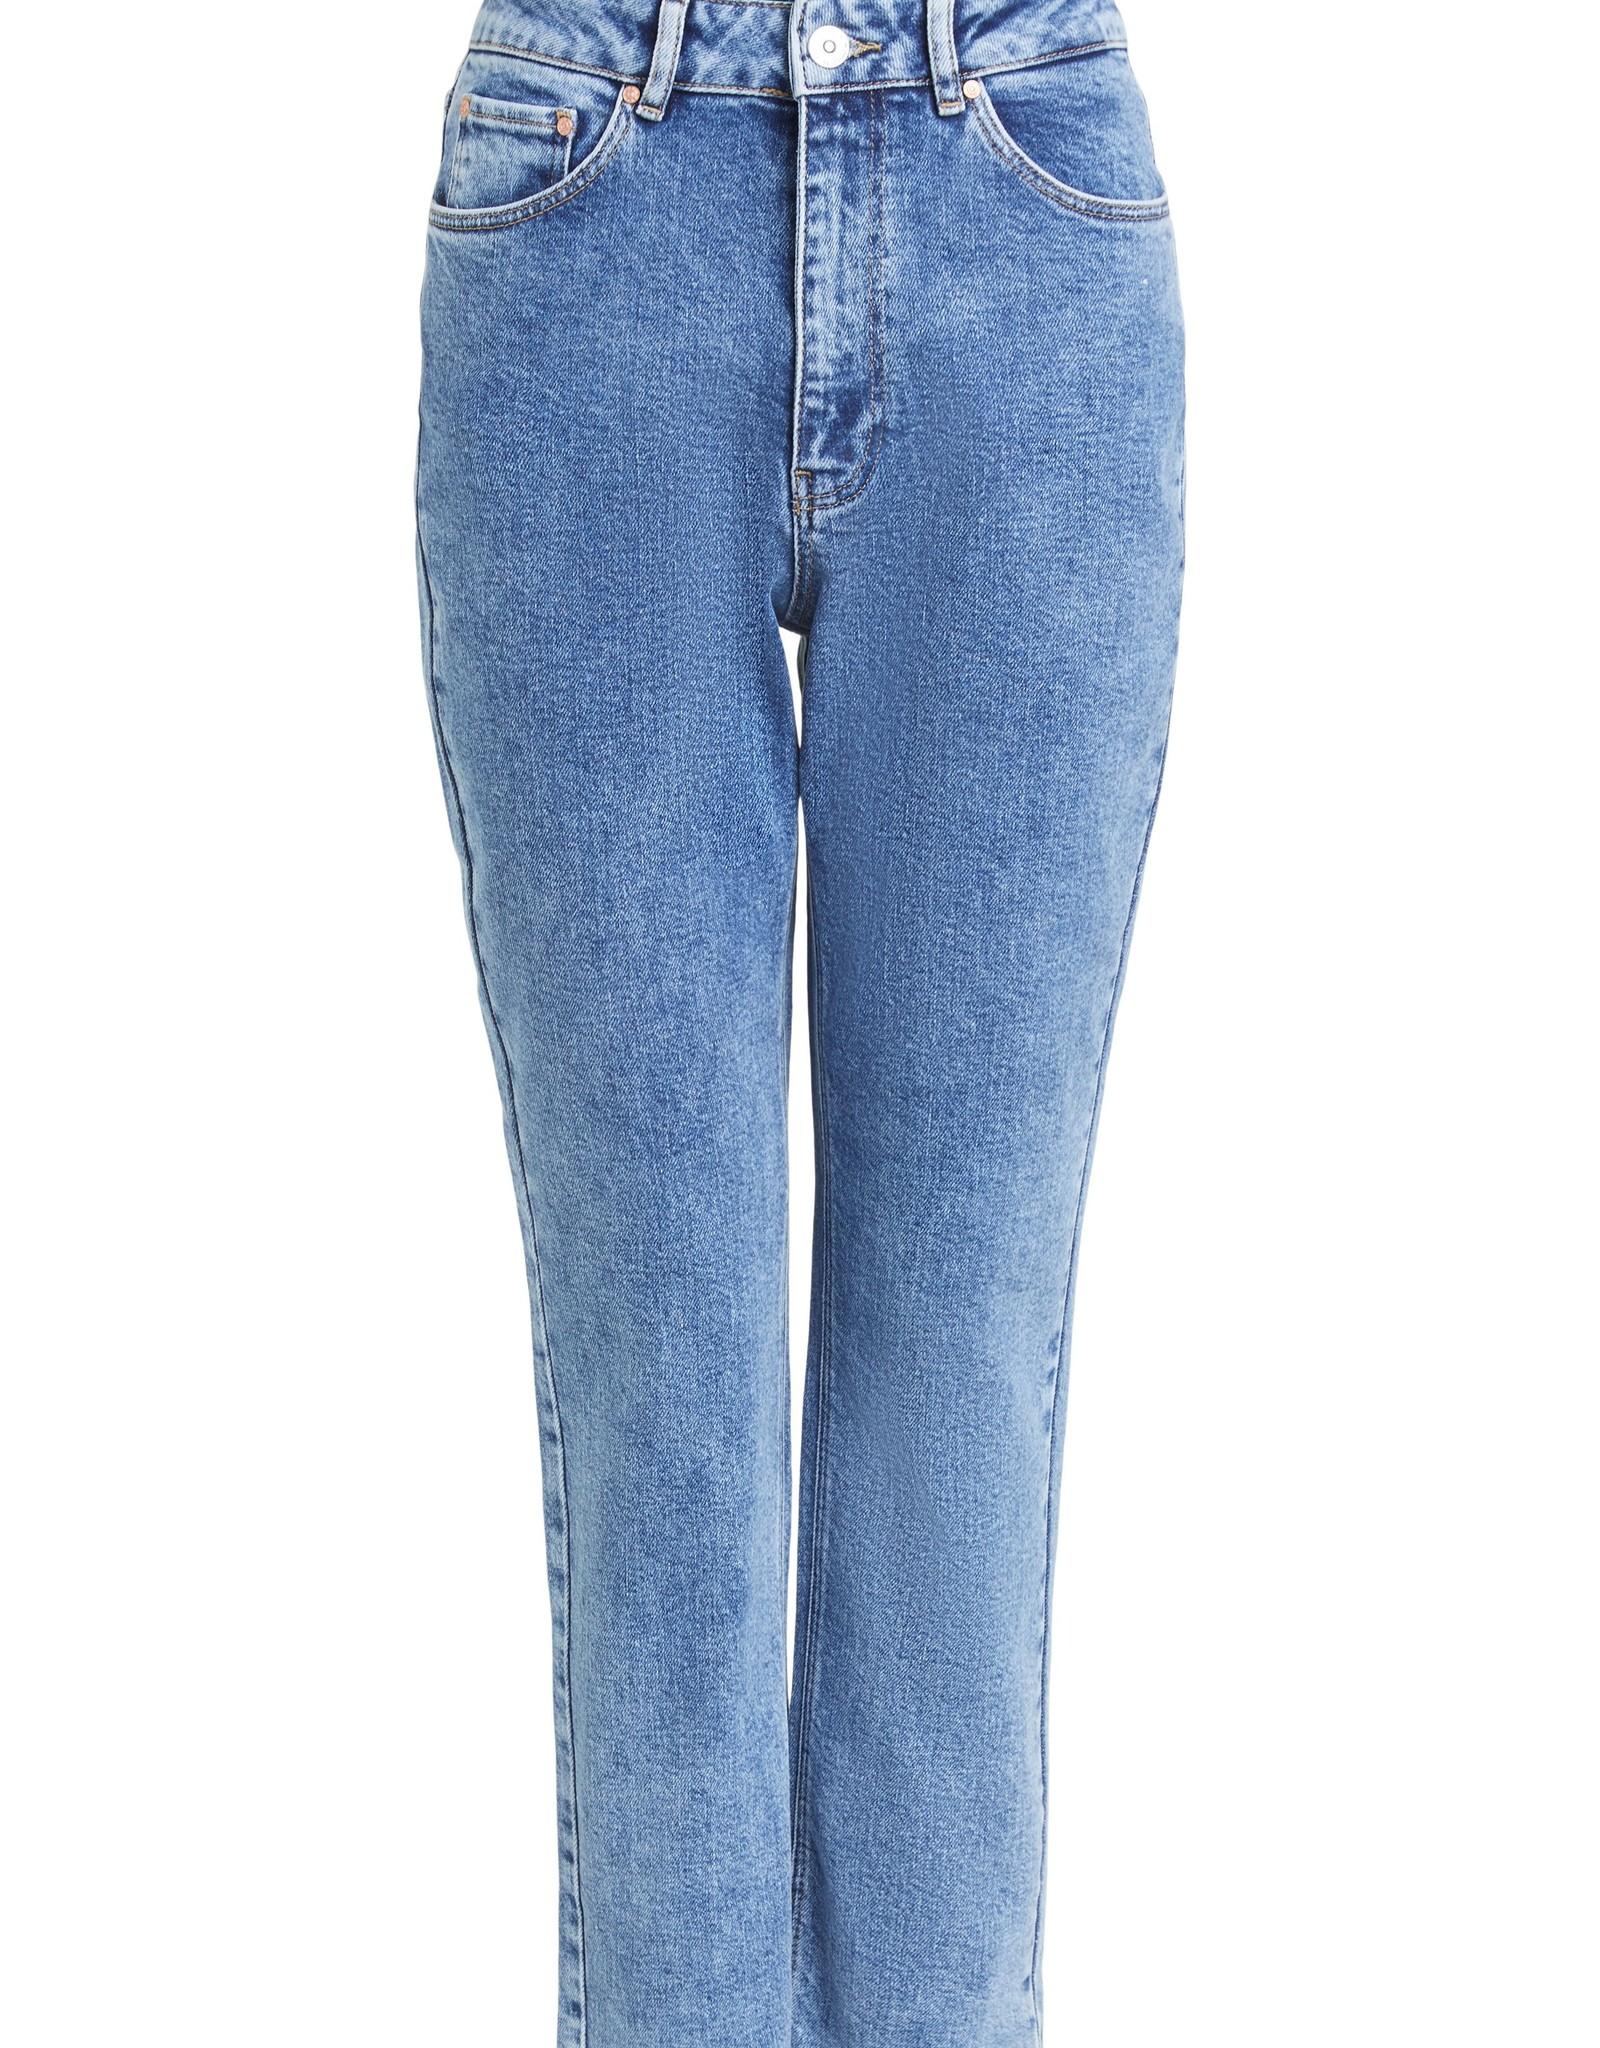 Ouí 70309 Jeans bleu